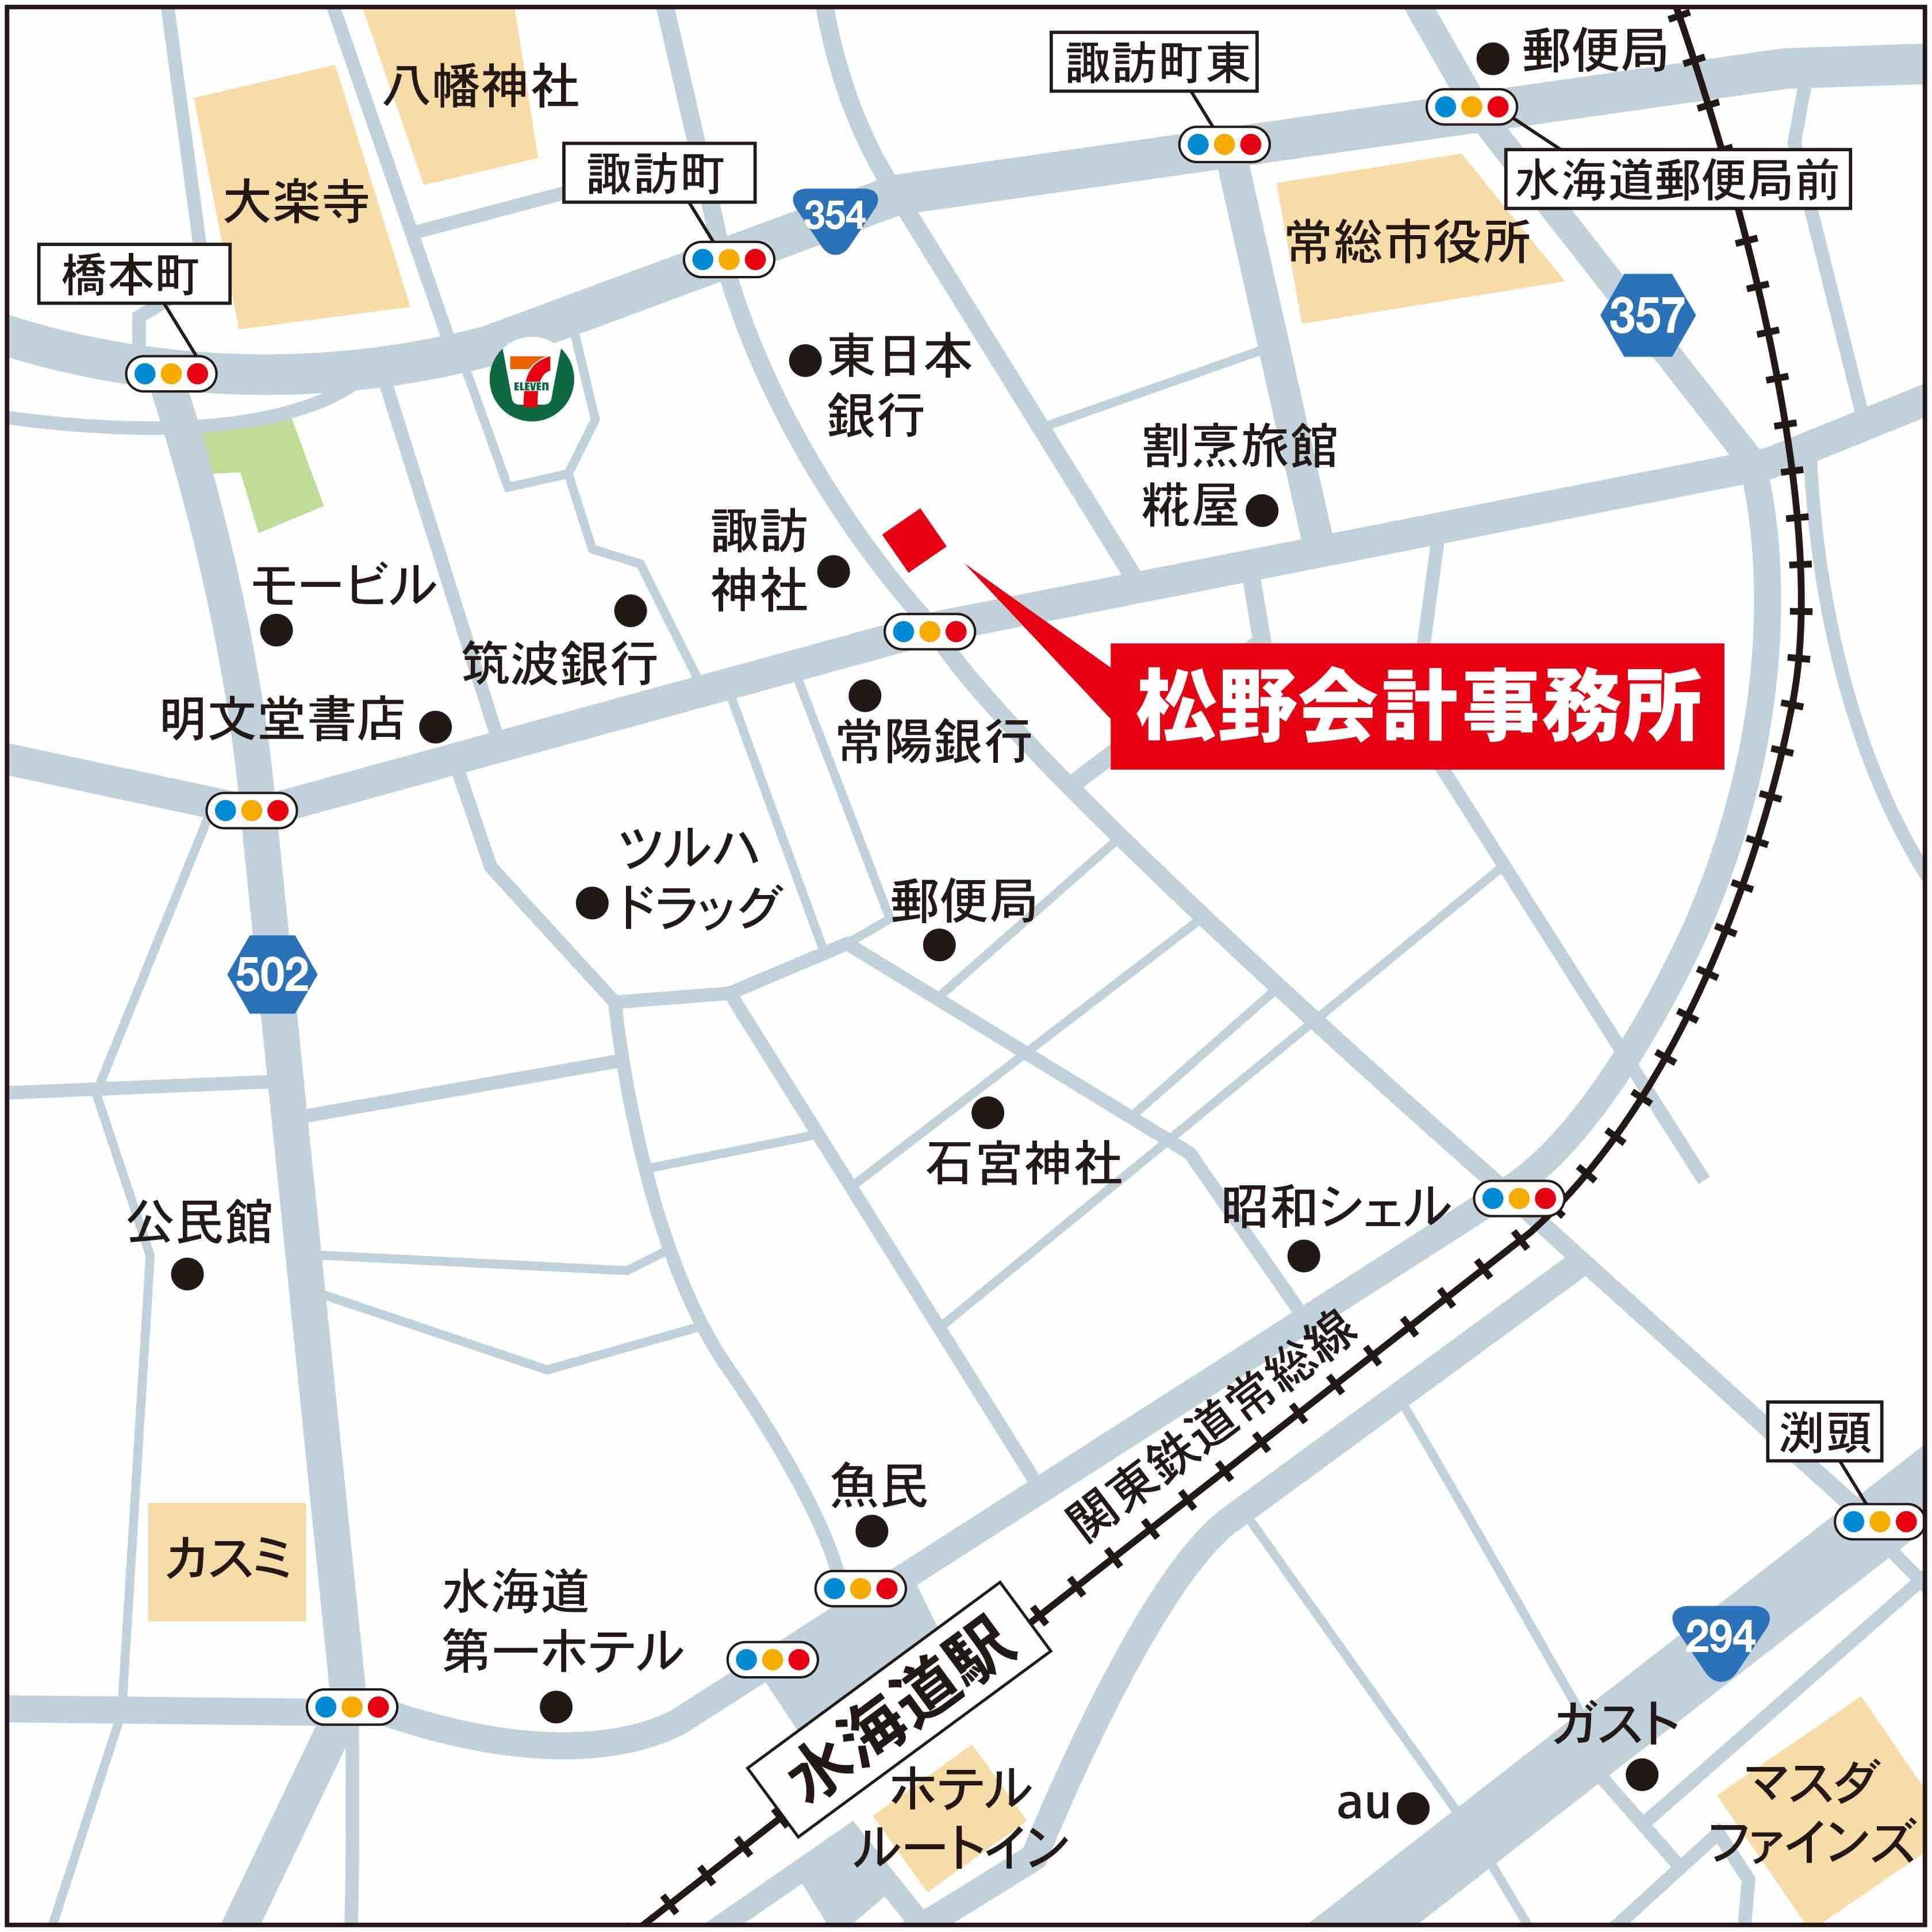 松野会計地図ダウングレード